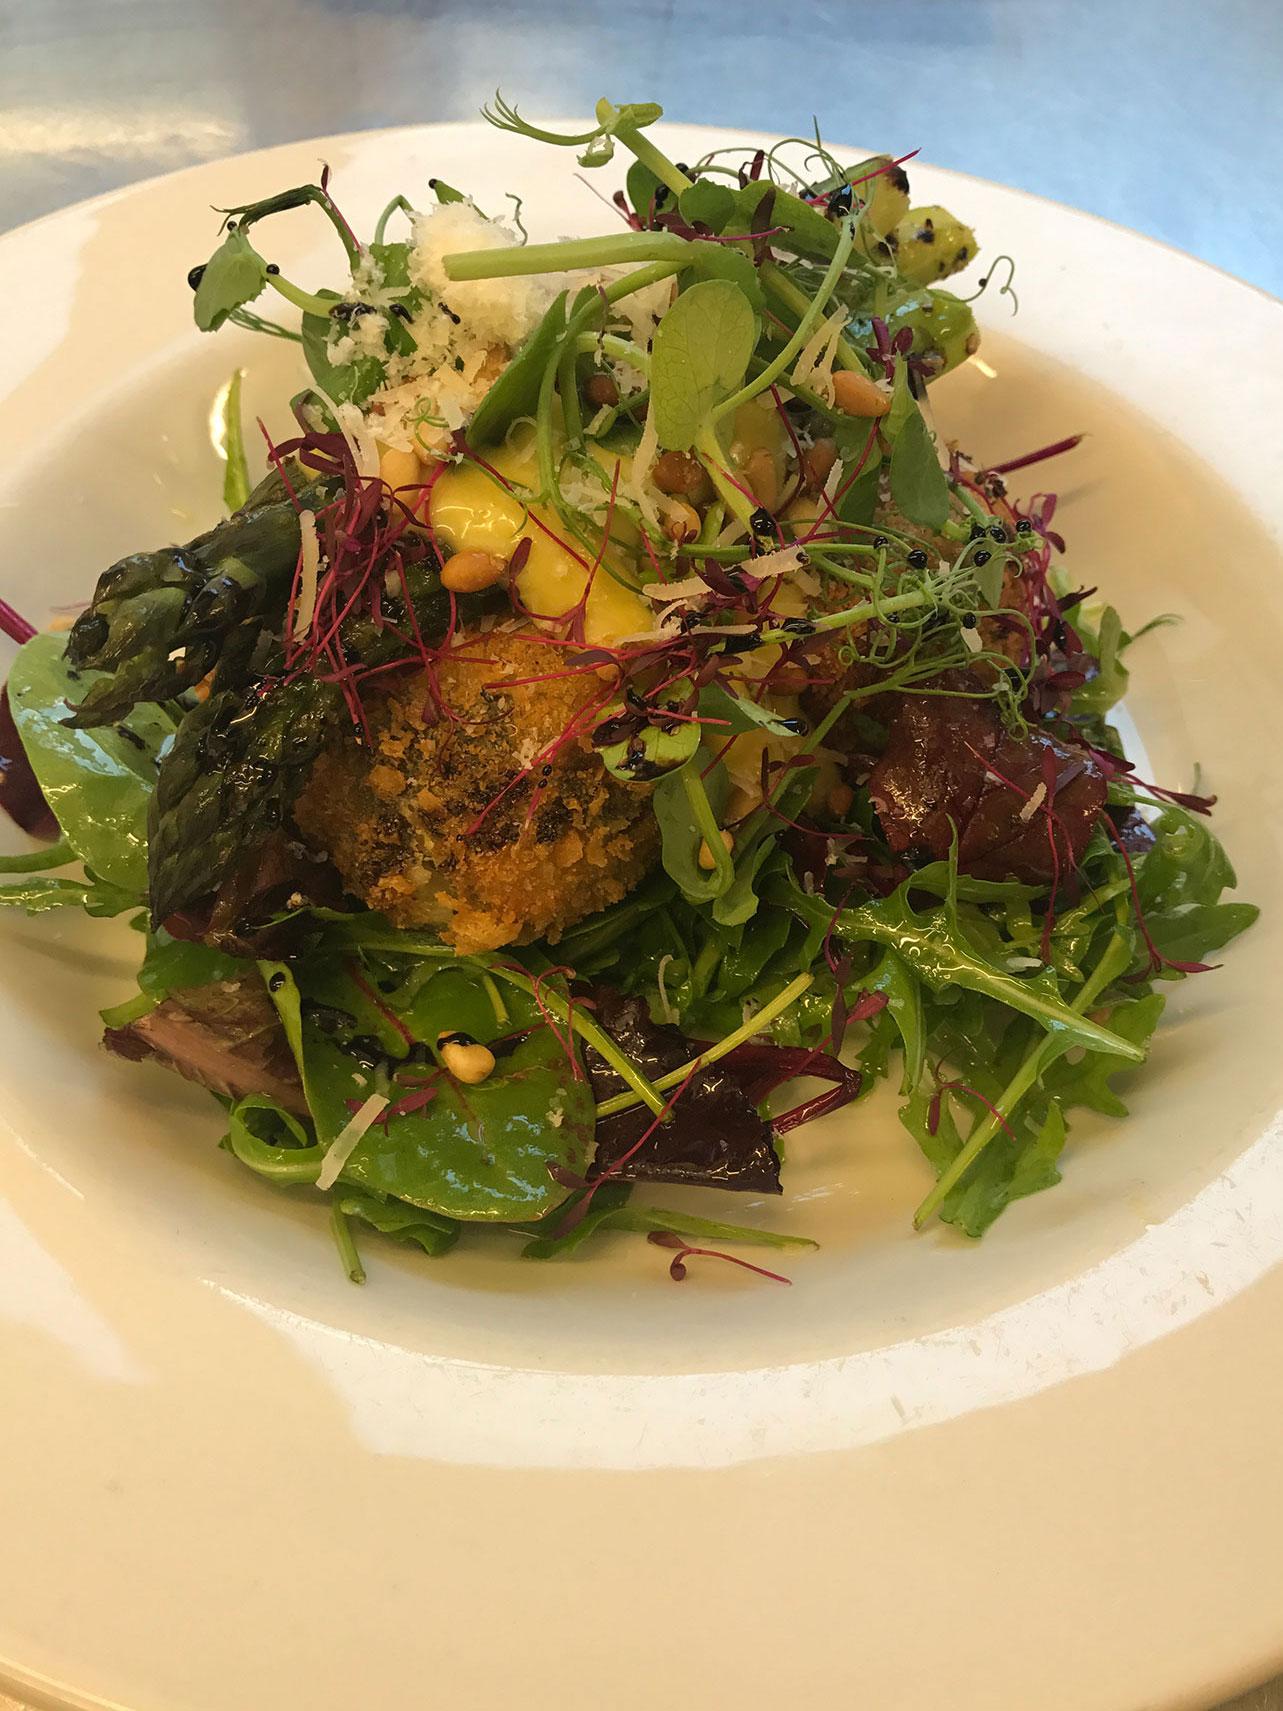 duck-rocket-salad-bath-pub-lunch.jpg